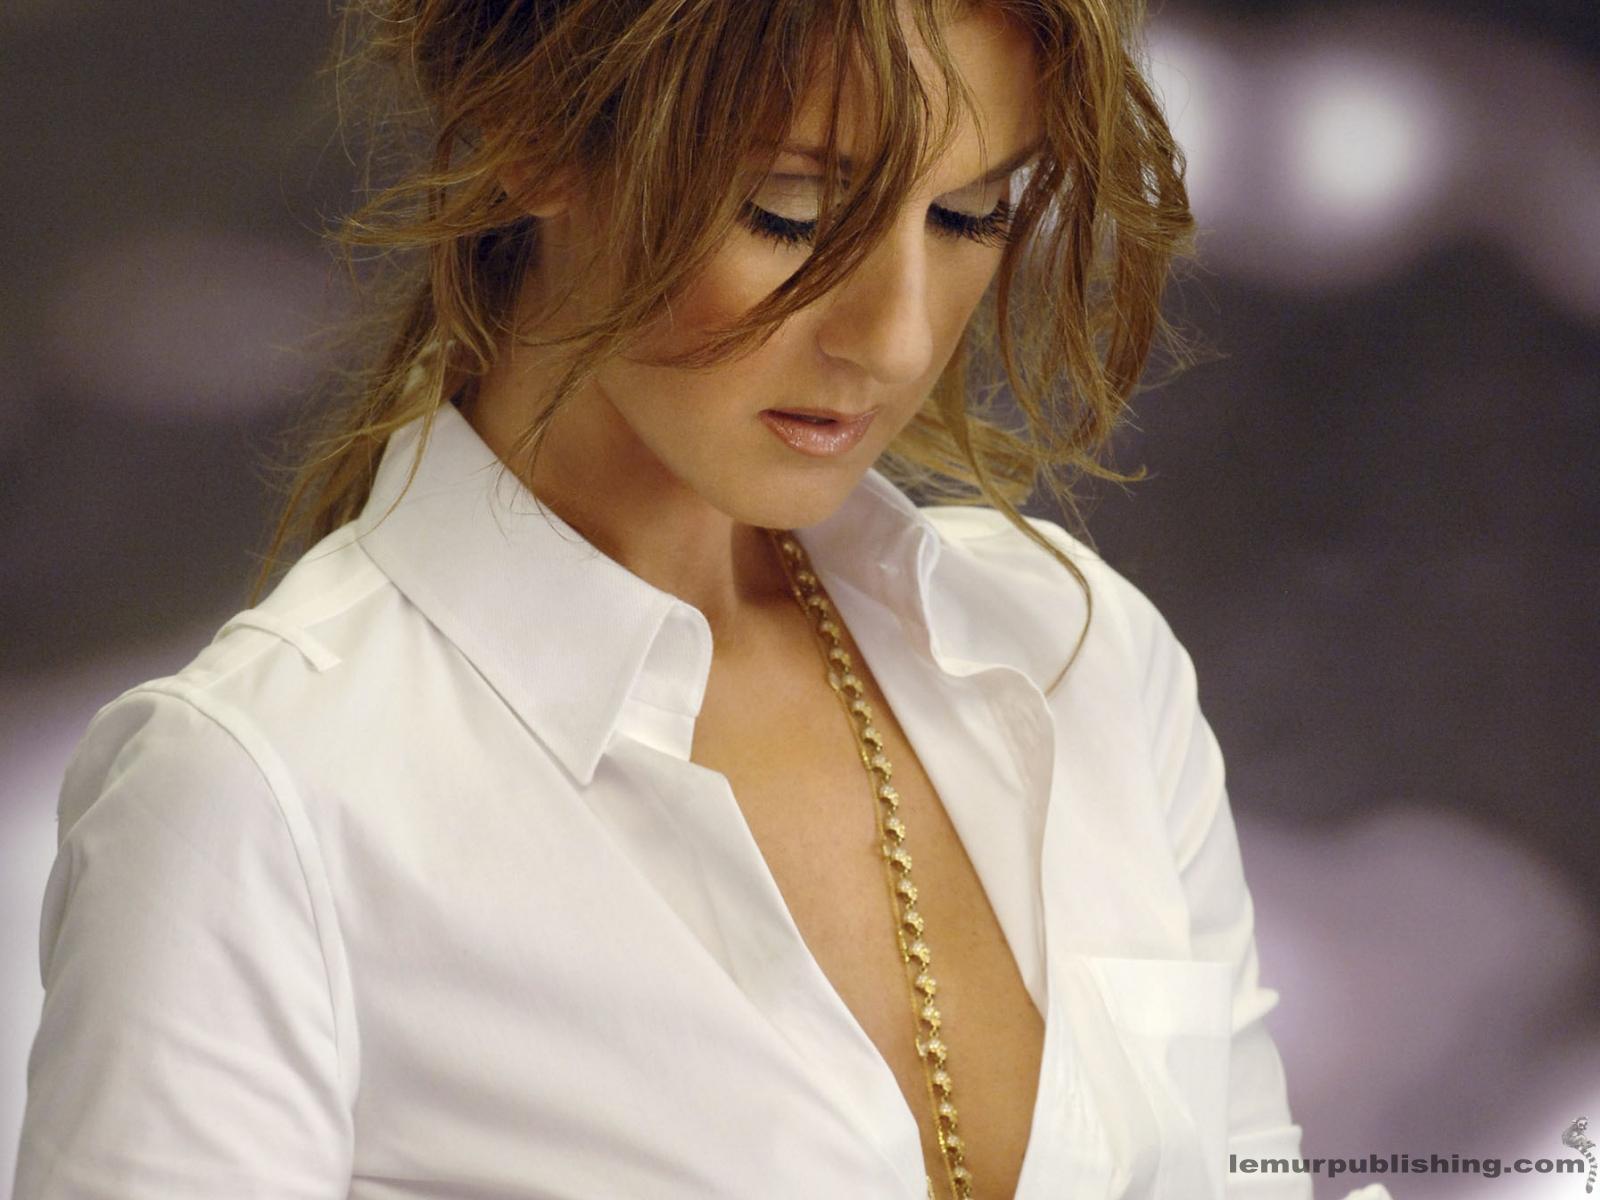 Celine Dion's older brother dies